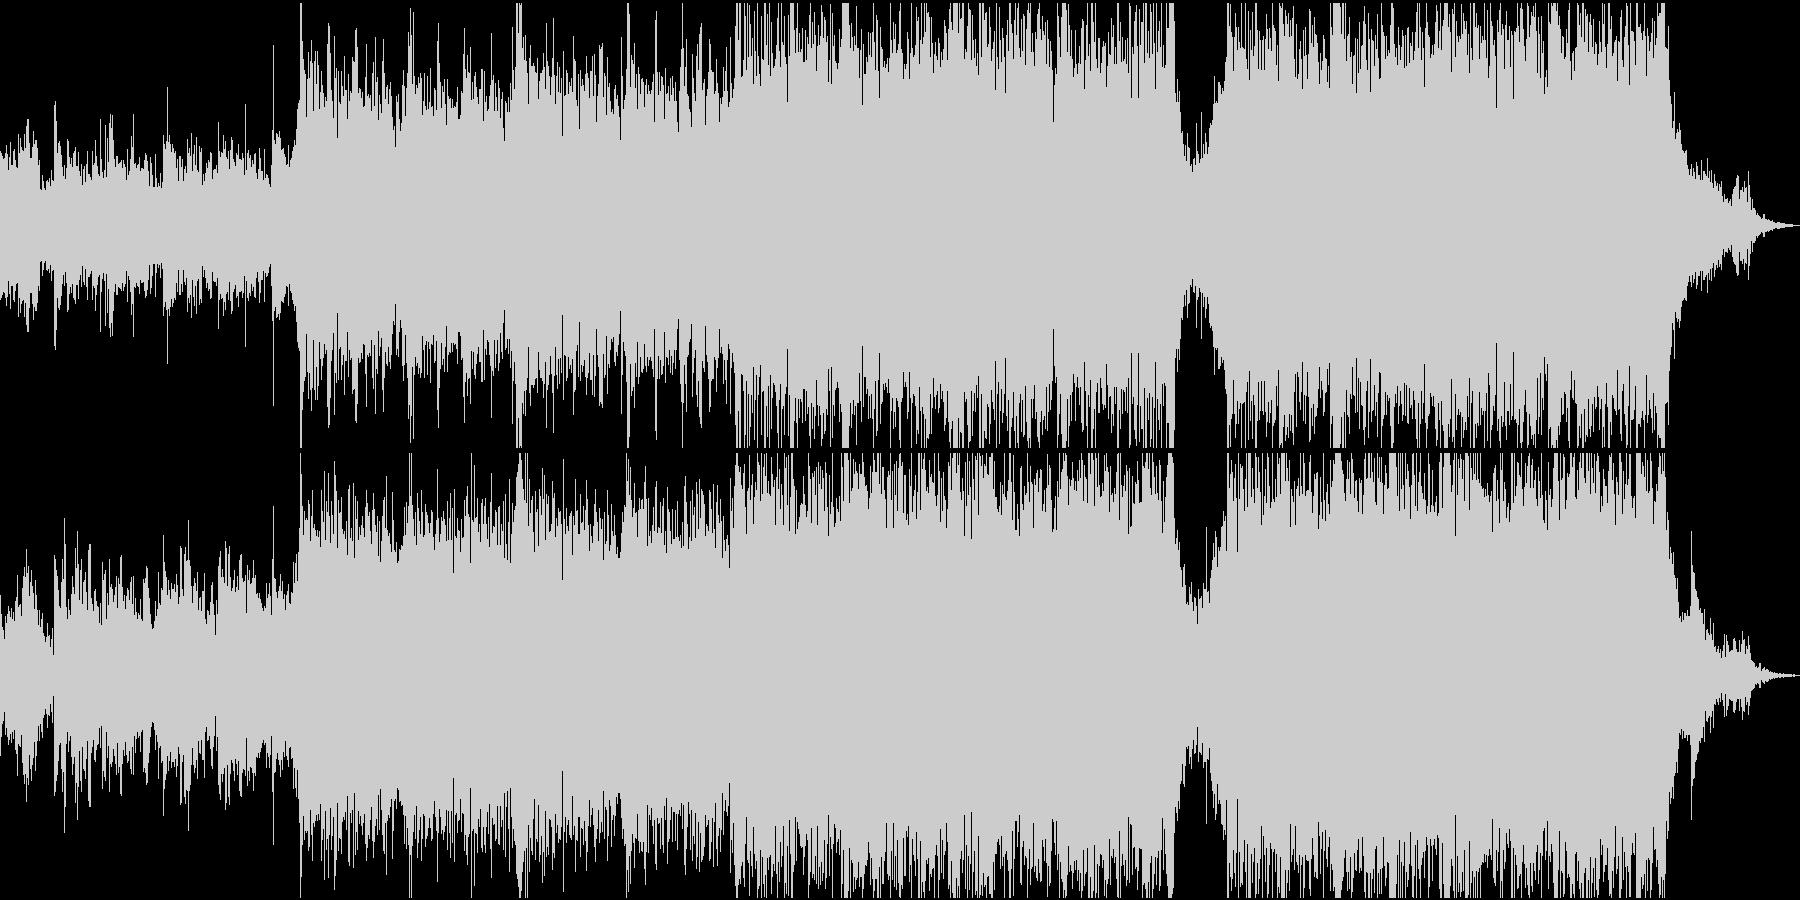 クラシック 交響曲 アンビエント ...の未再生の波形